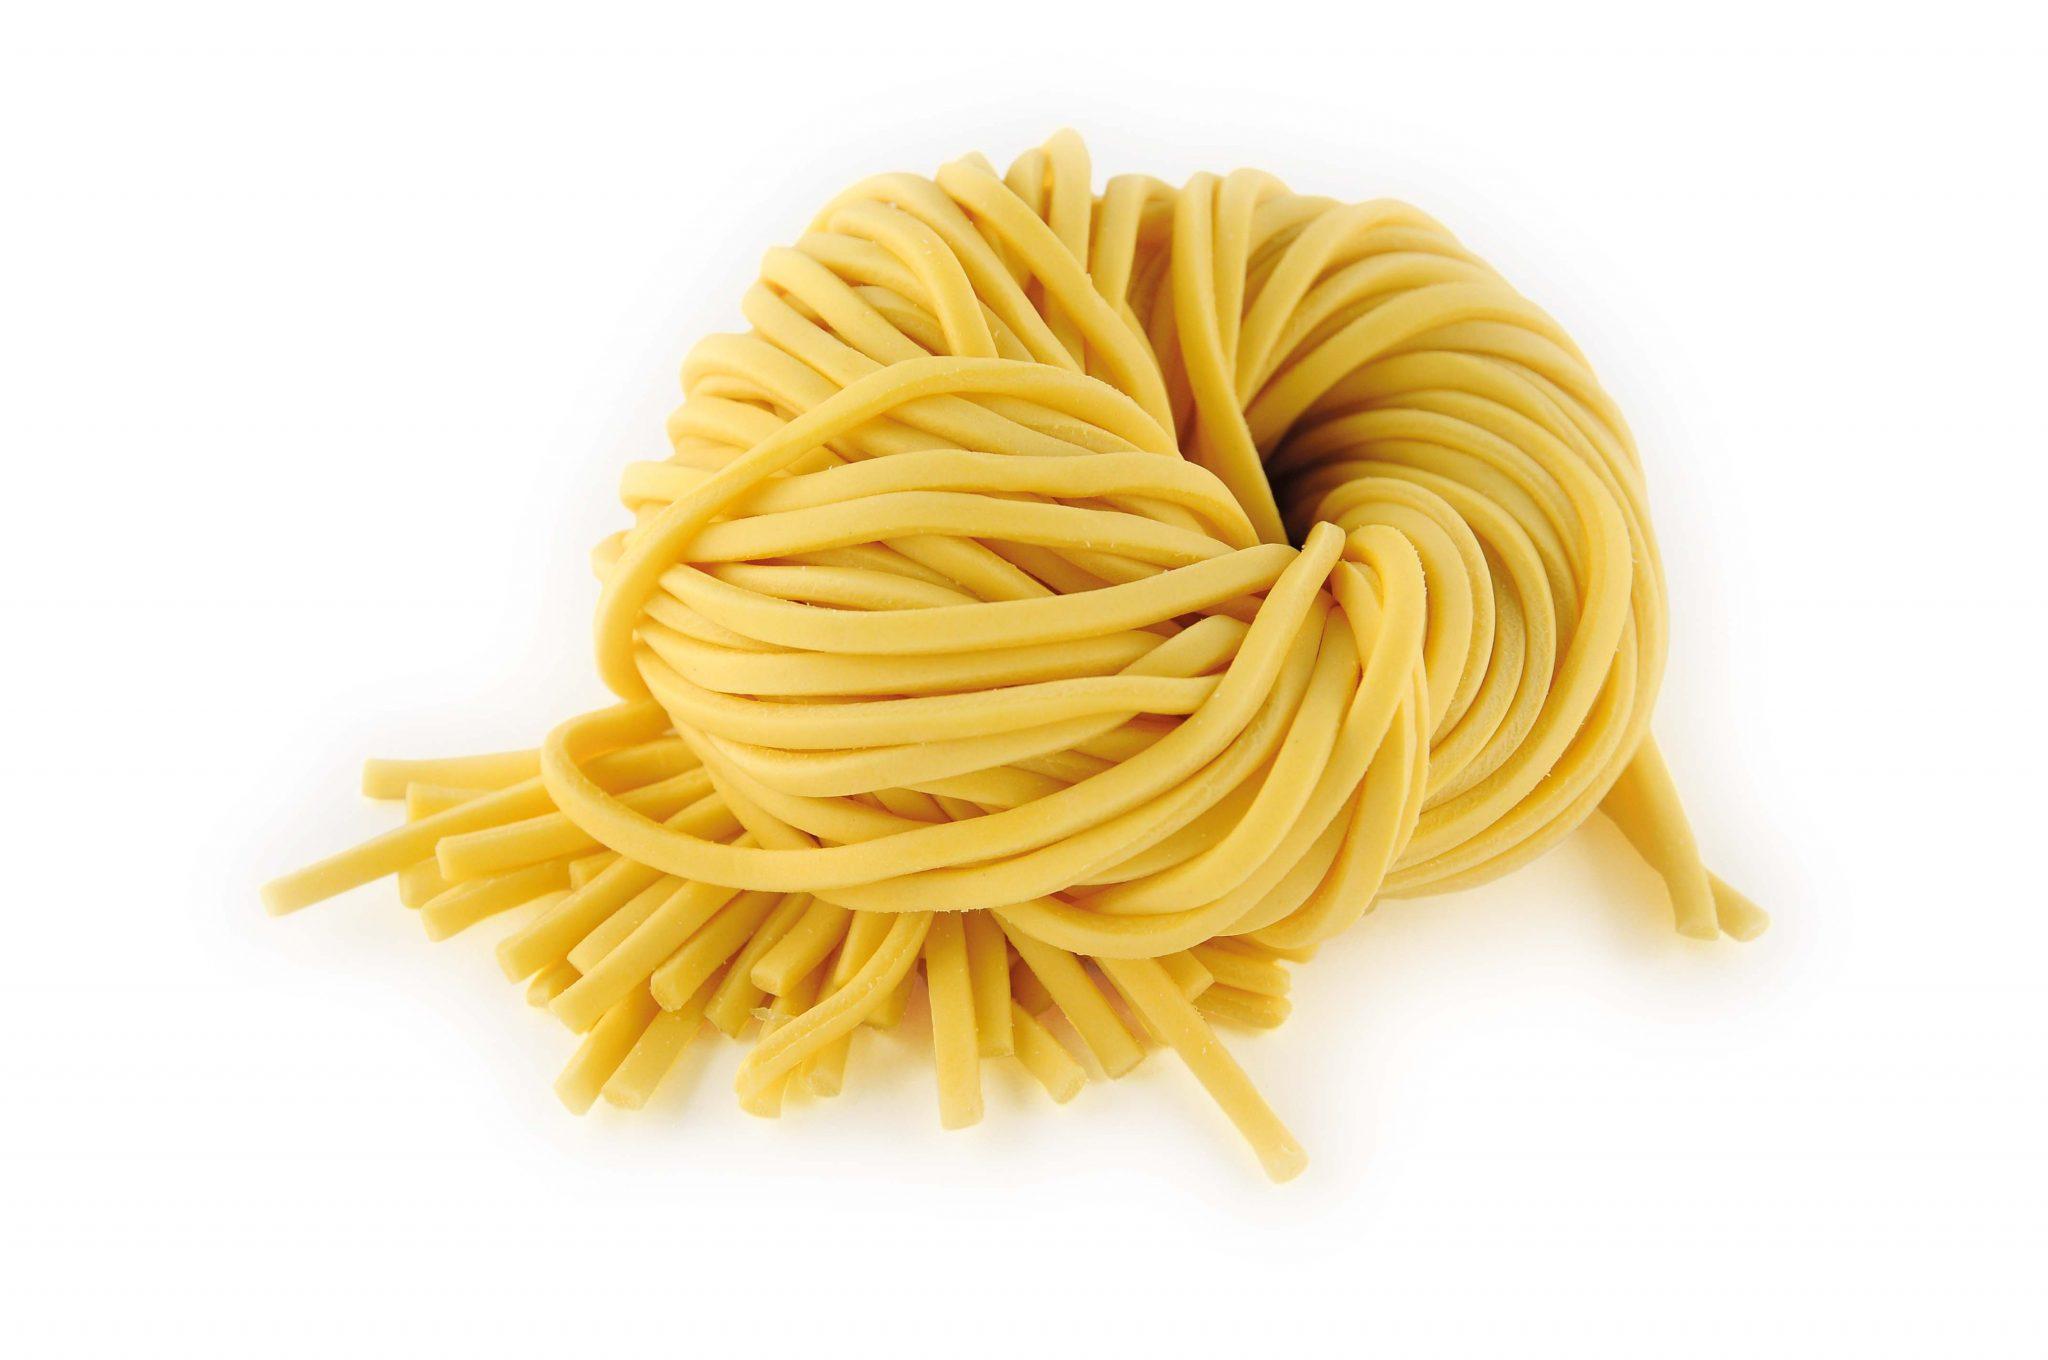 trocoli tipos de pasta